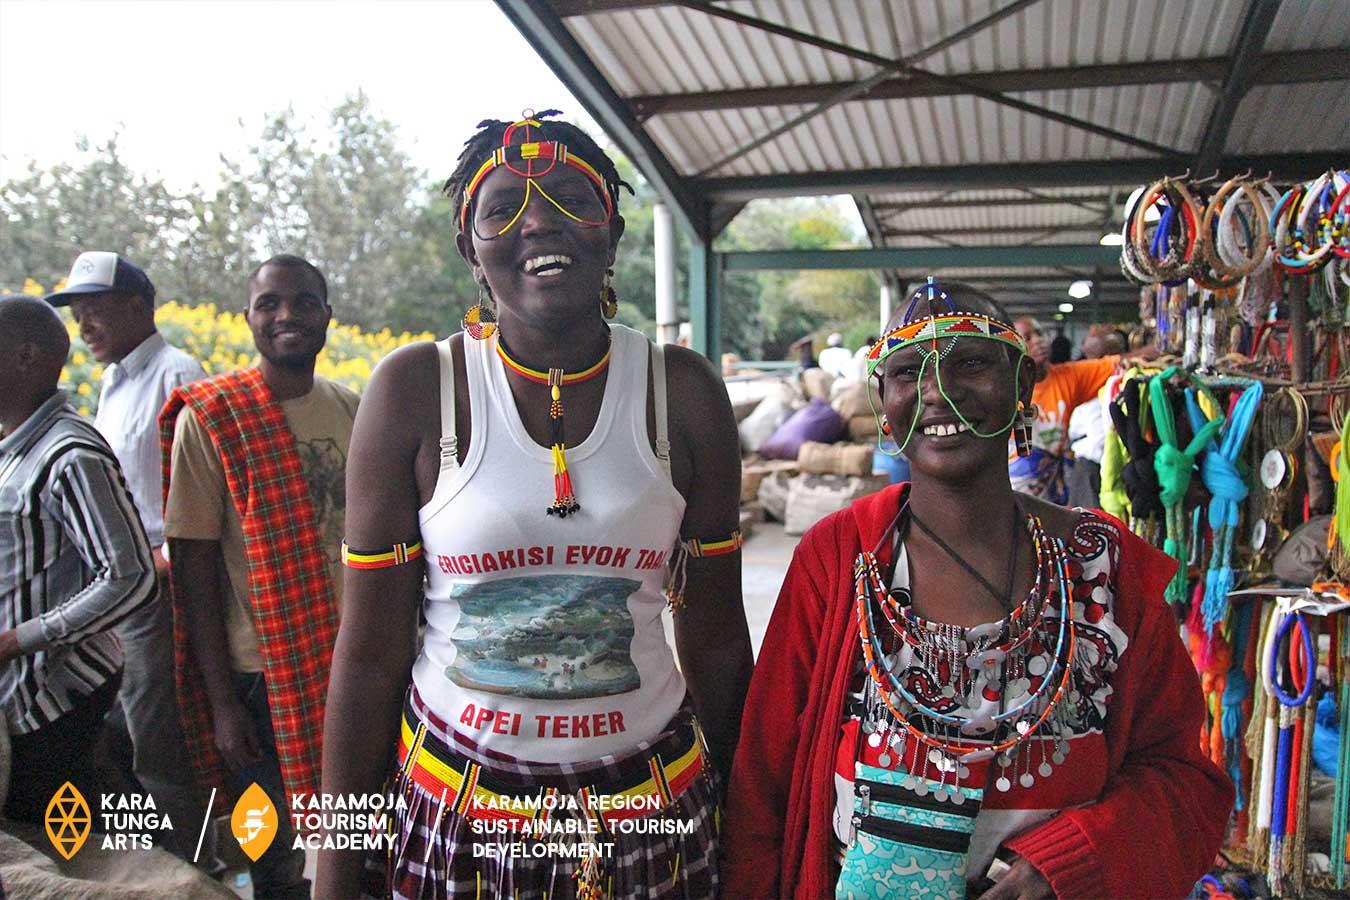 kara-tunga-karamoja-uganda-arts-crafts-tours-culture-development-3